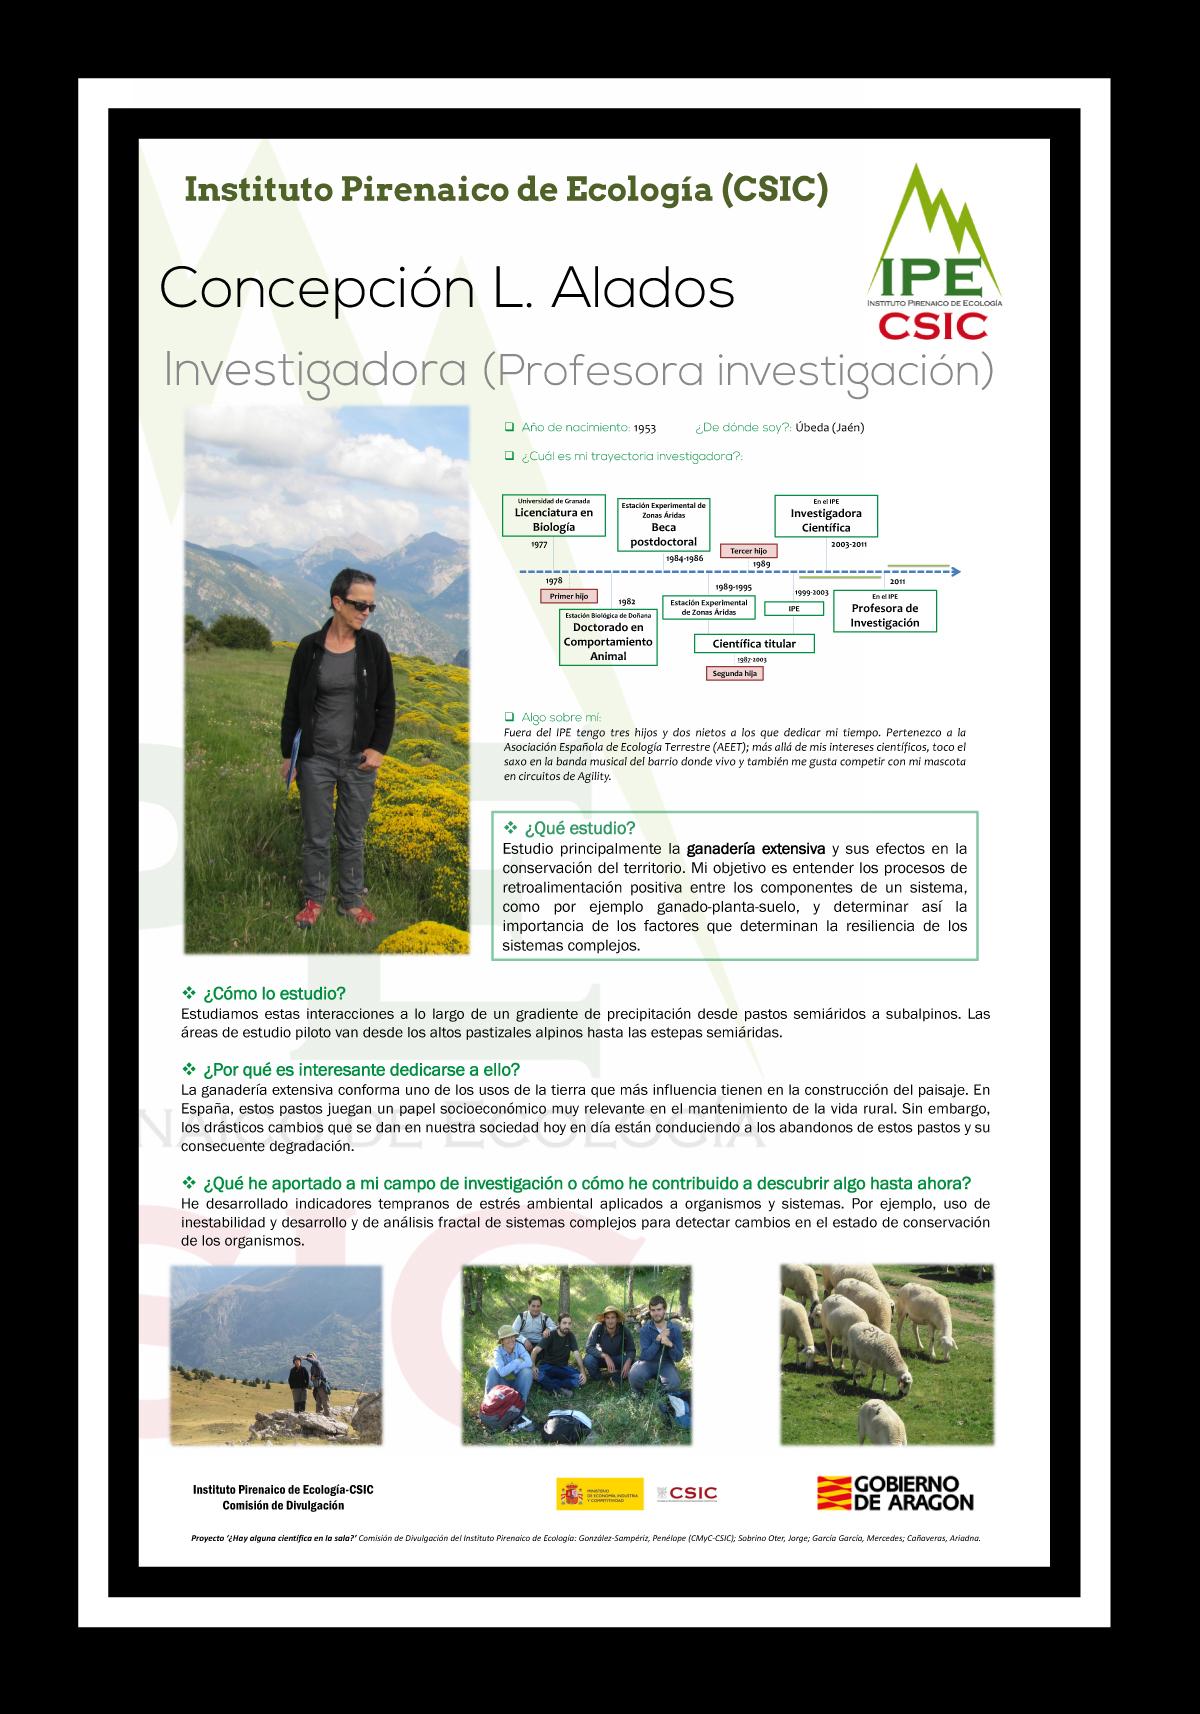 Concepción L. Alados